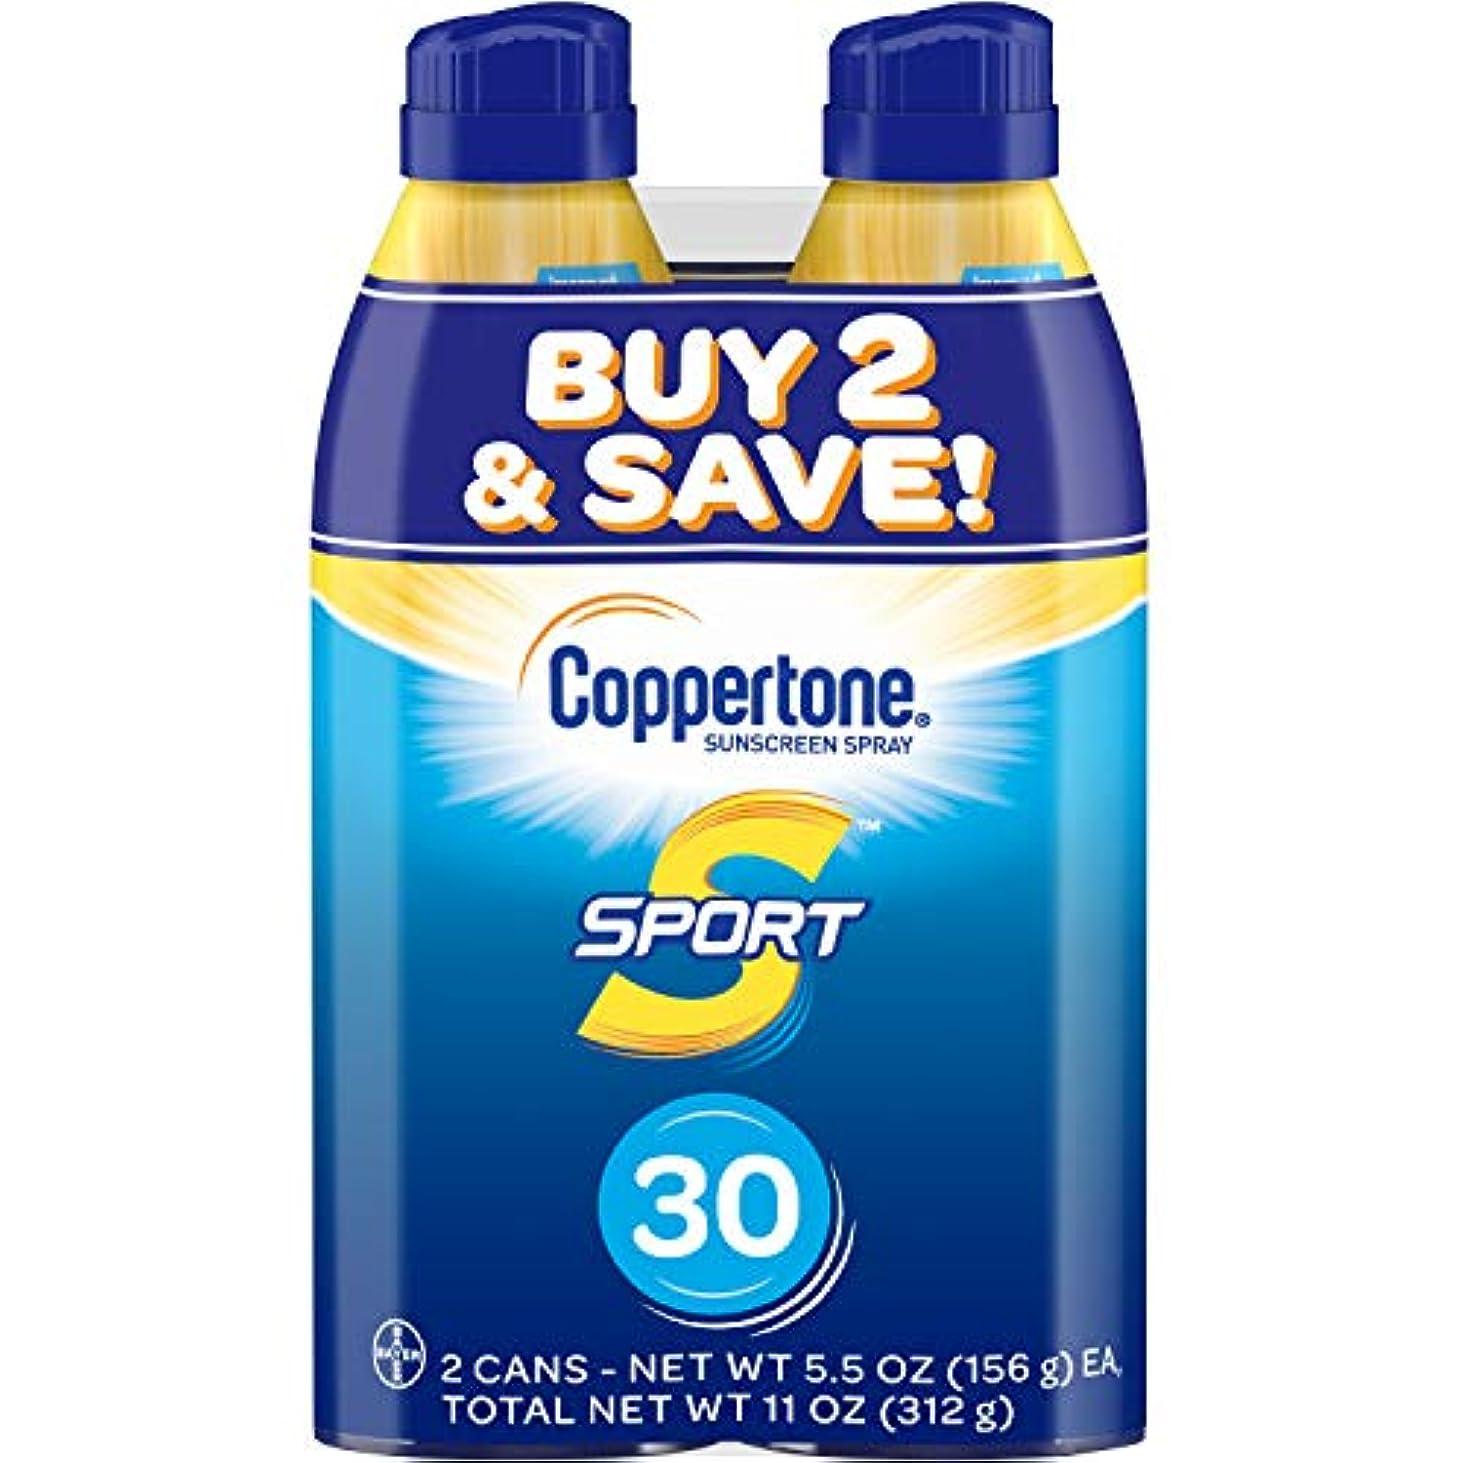 タオル非行盗賊Coppertone スポーツ連写日焼け止め広域スペクトルSPFスプレー30(5.5オンスボトル、ツインパック)